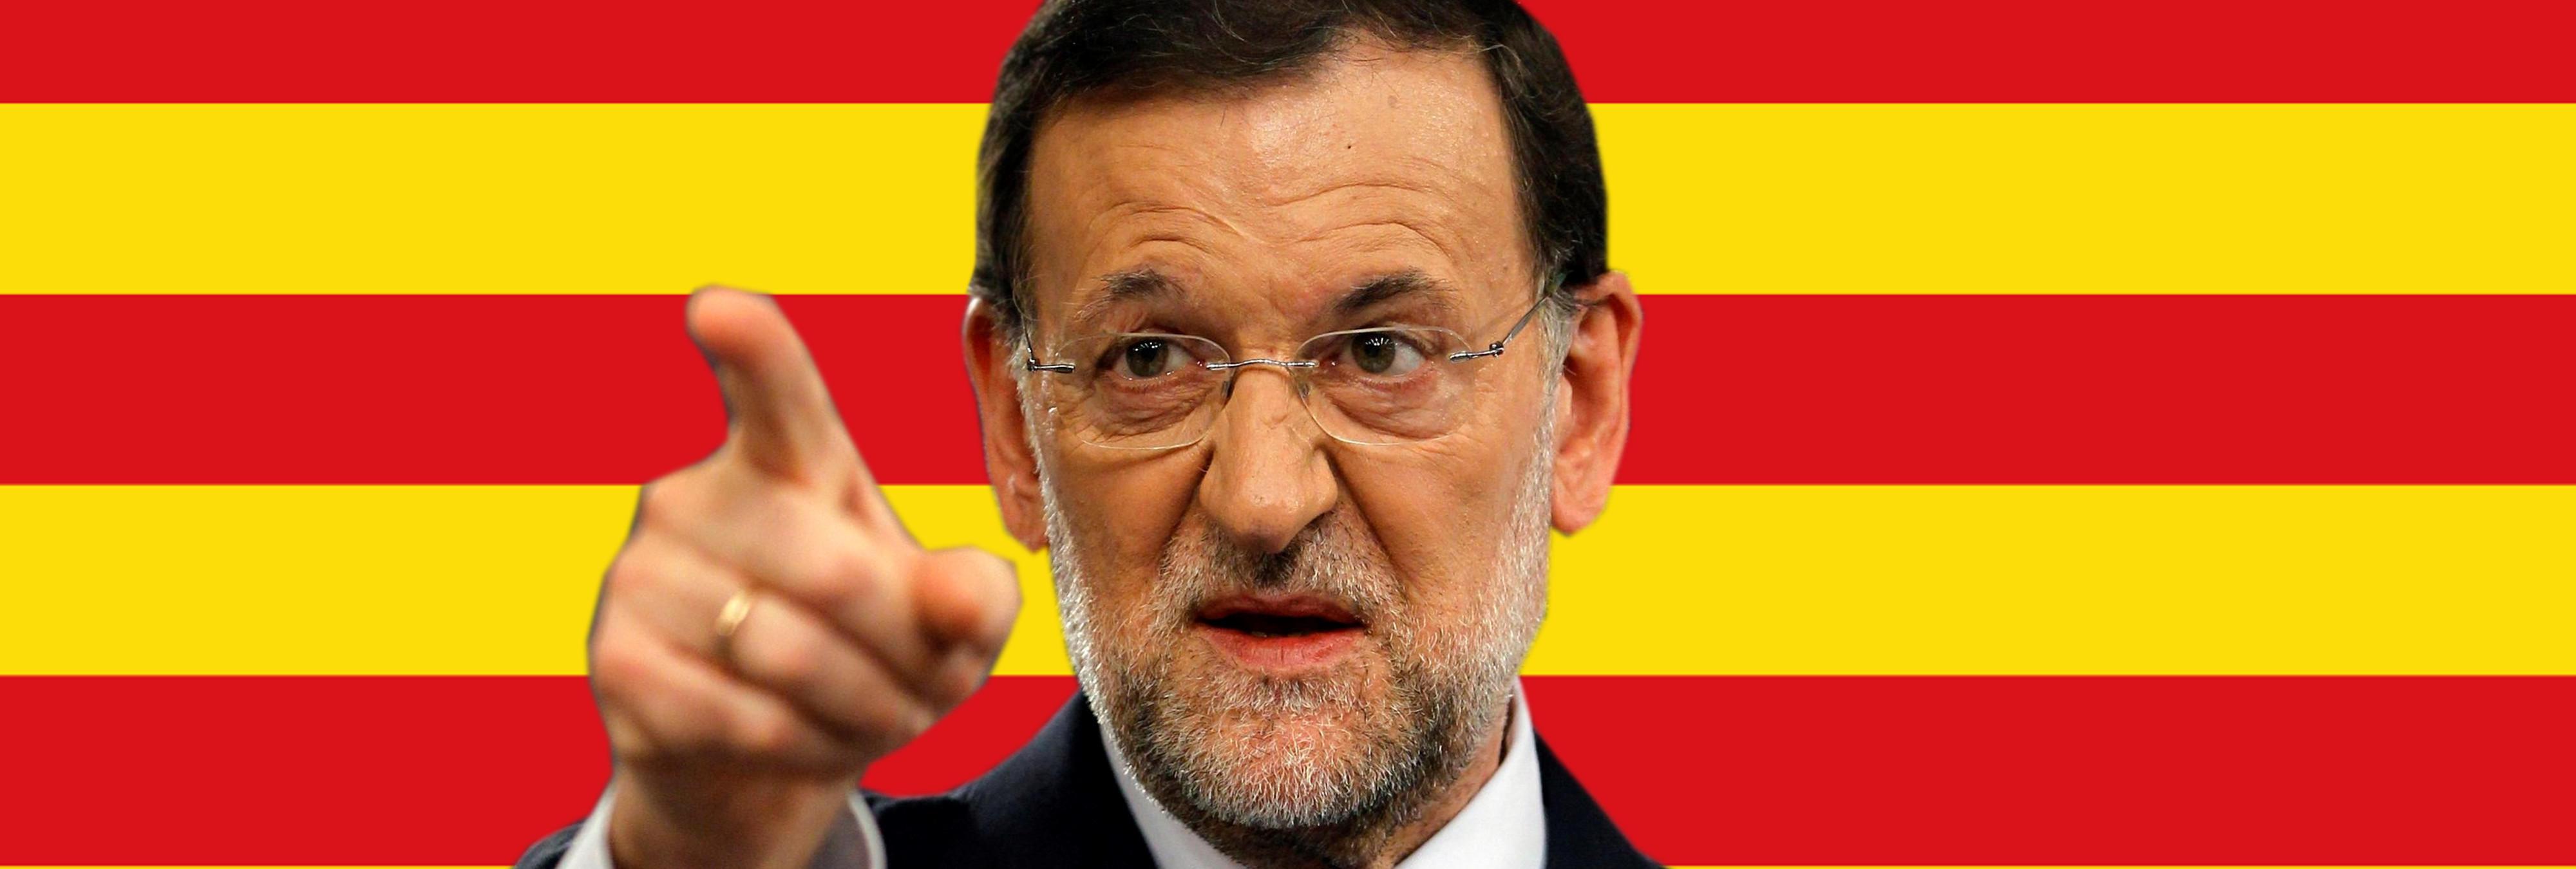 El Gobierno de España margina más al catalán en su página web que Trump al español